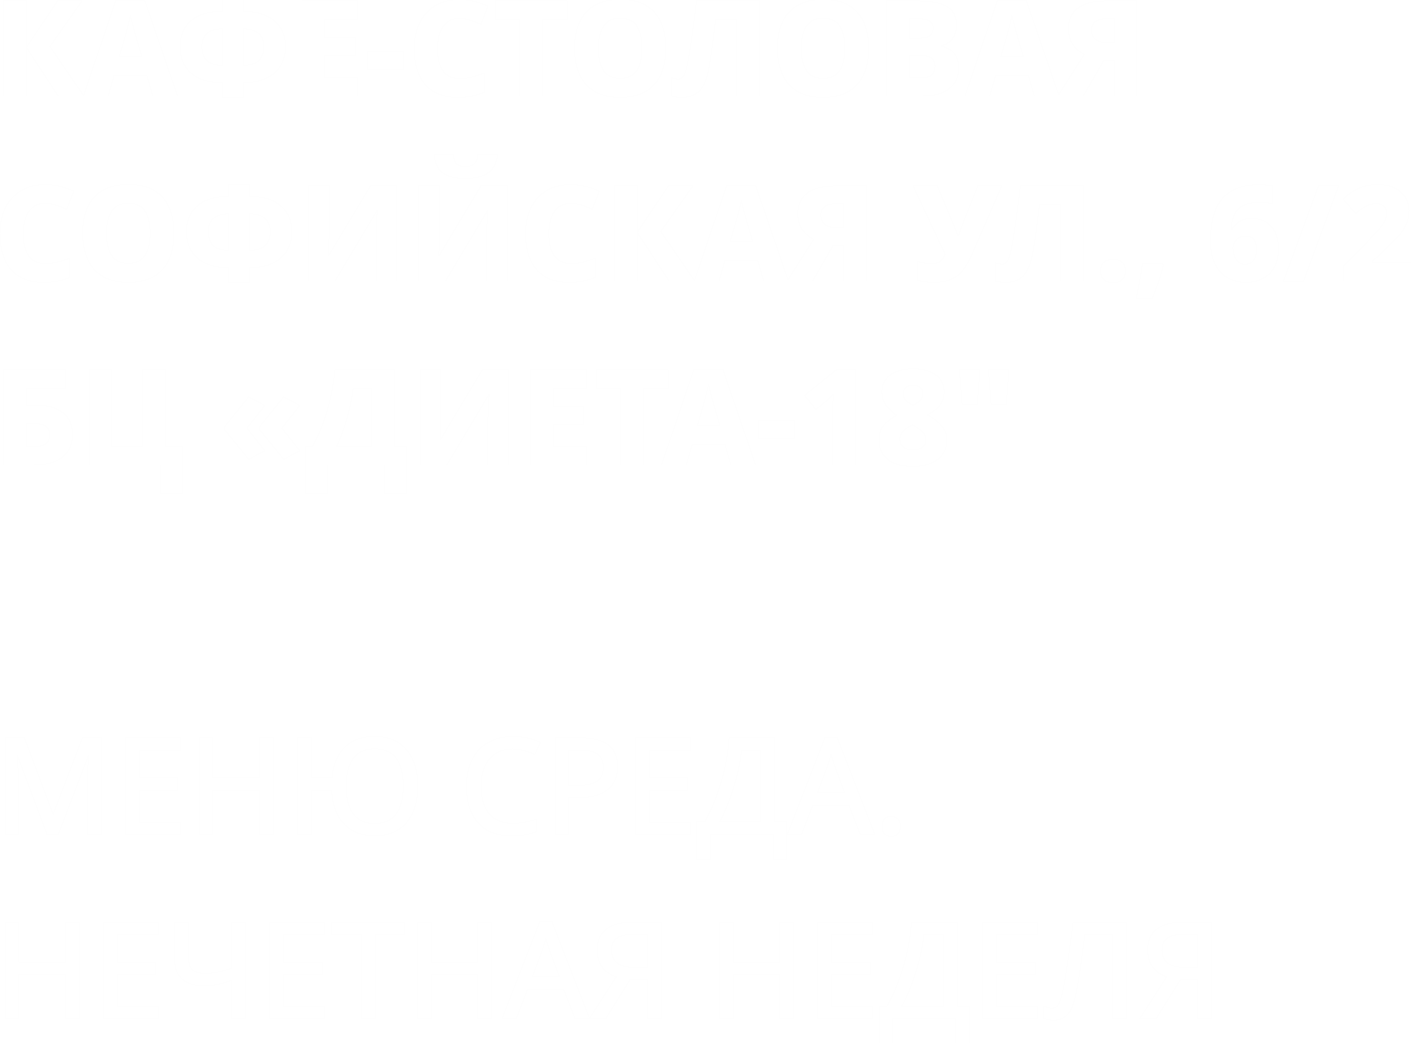 """КАФЕ-СТОЛОВАЯ СОФИЙСКАЯ УЛ., 6/2 БЦ """"ДИЕТА-18"""" МЕНЮ СРЕДА. НЕЧЕТНАЯ НЕДЕЛЯ"""